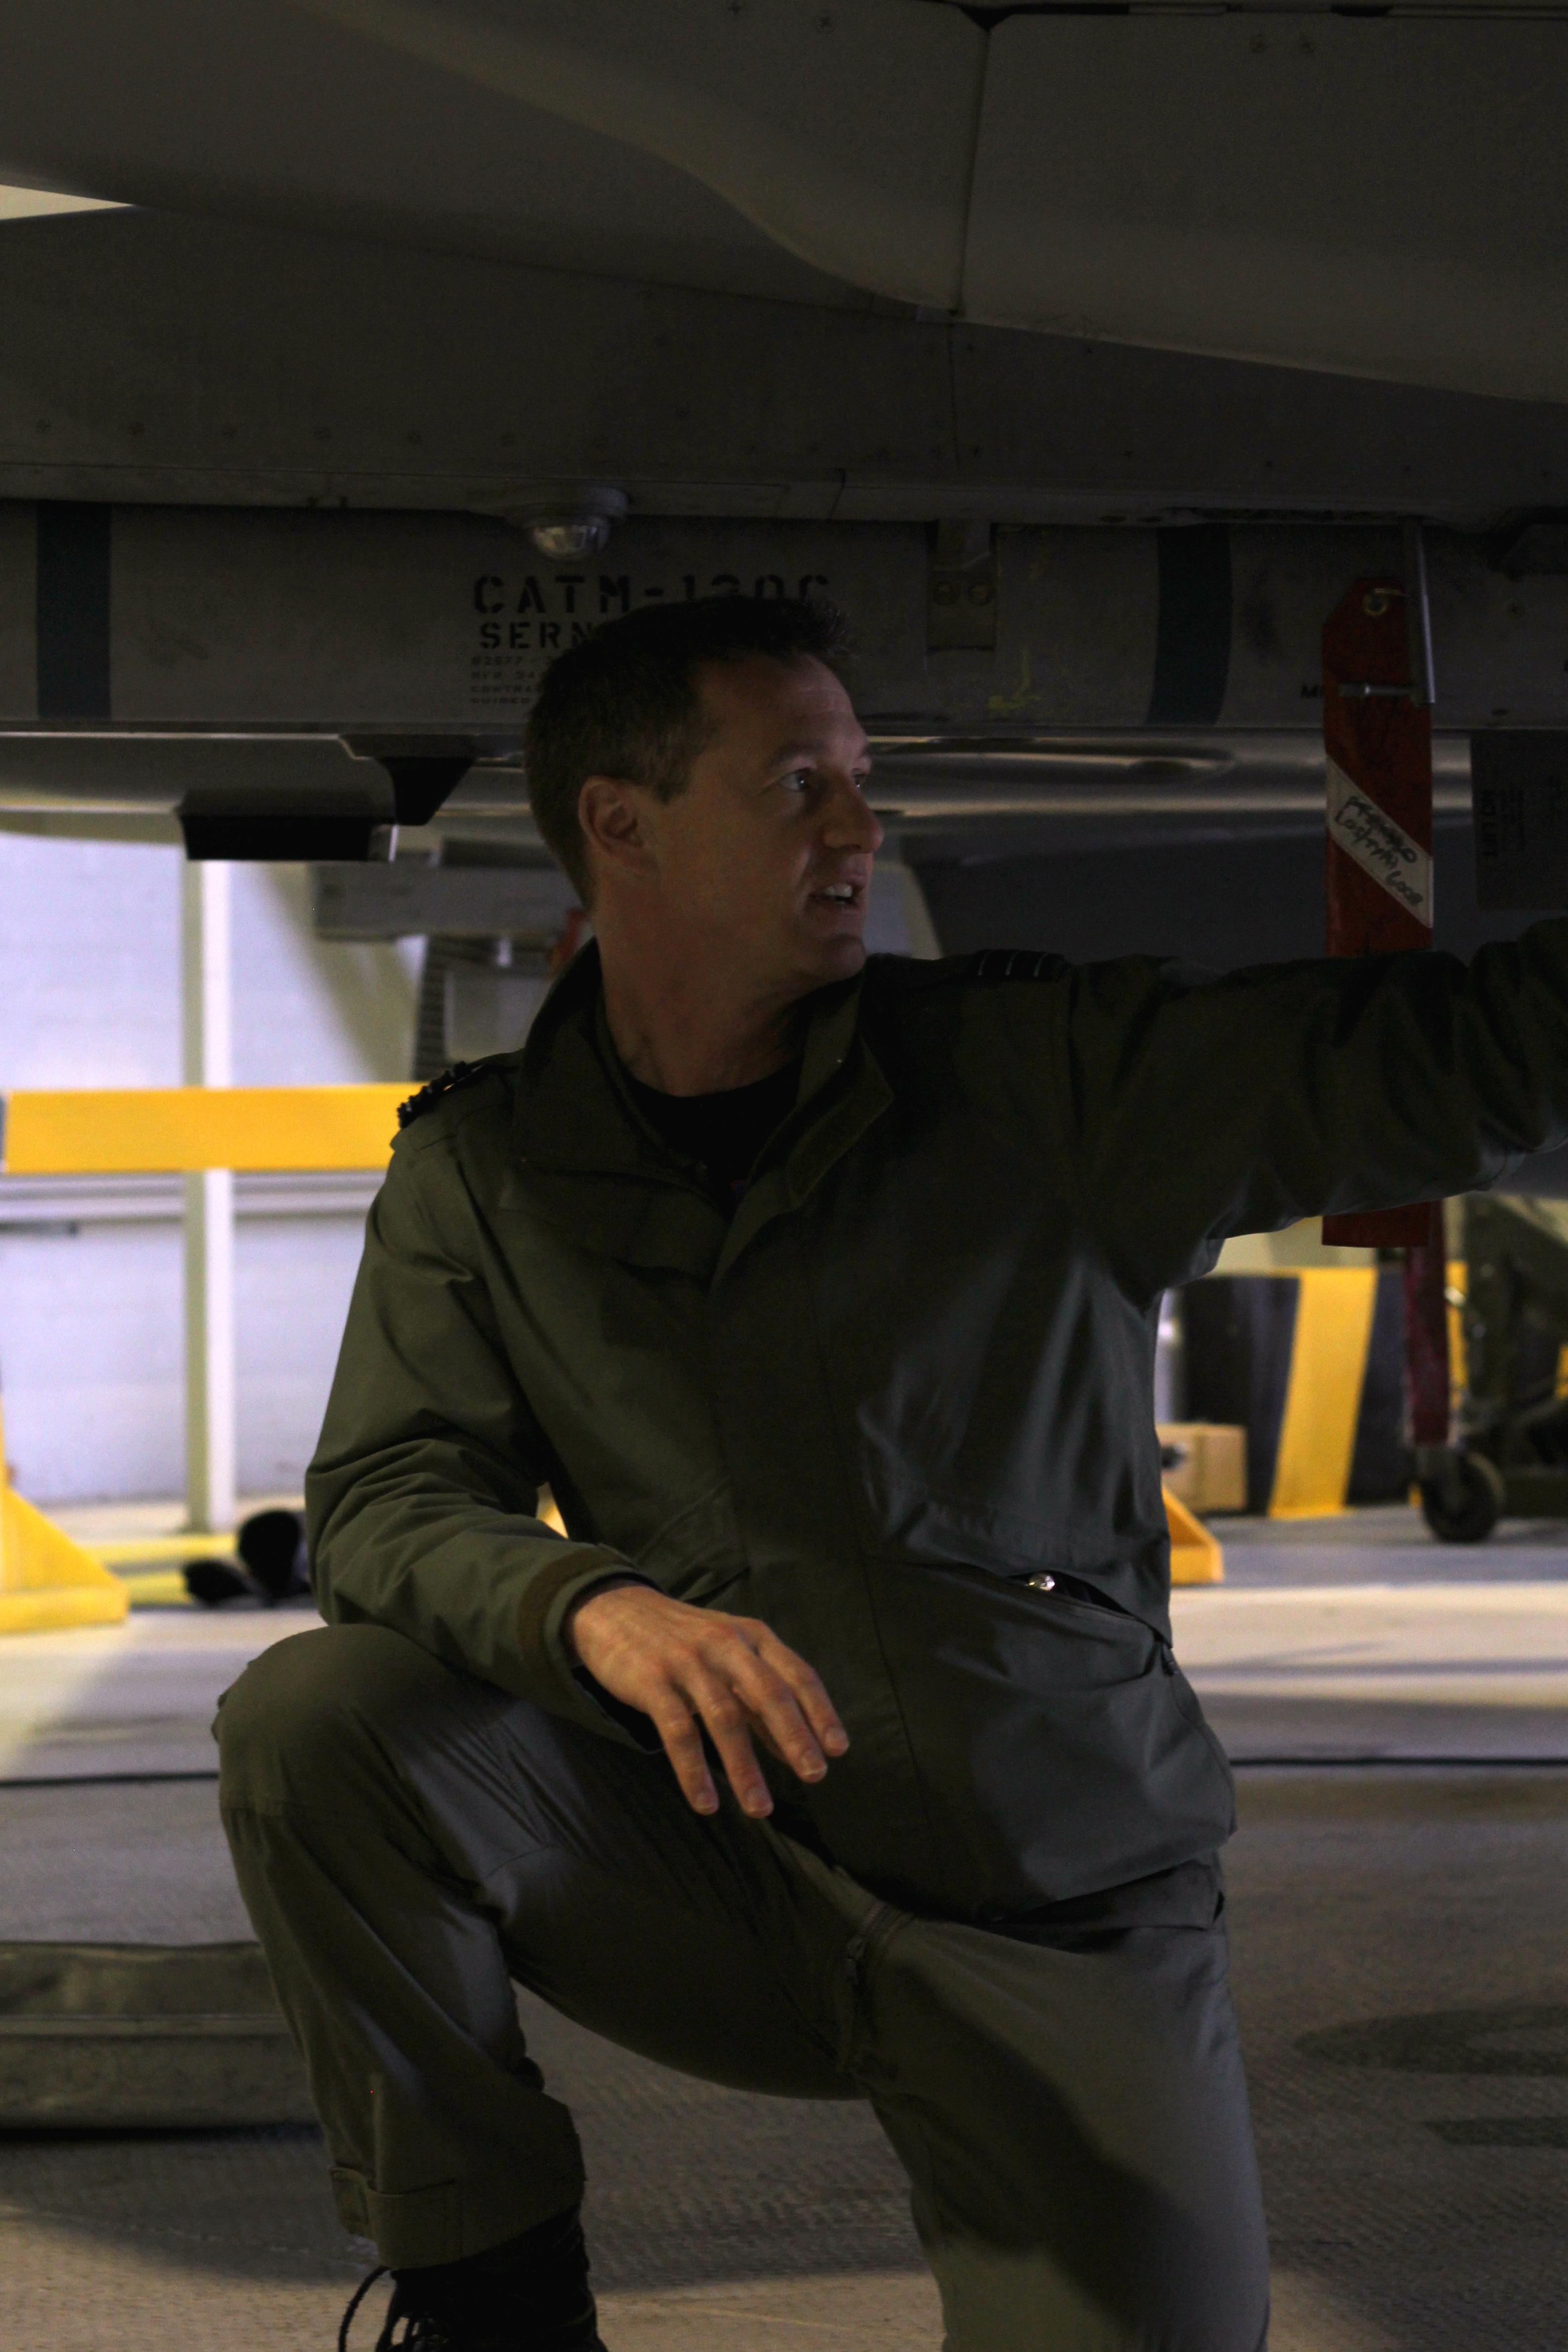 Cooper under plane